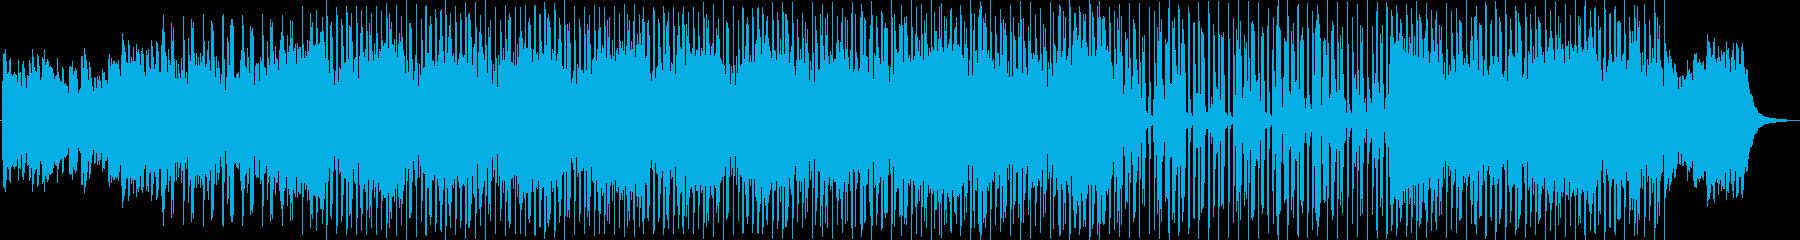 ピアノとビートでエンディングの再生済みの波形